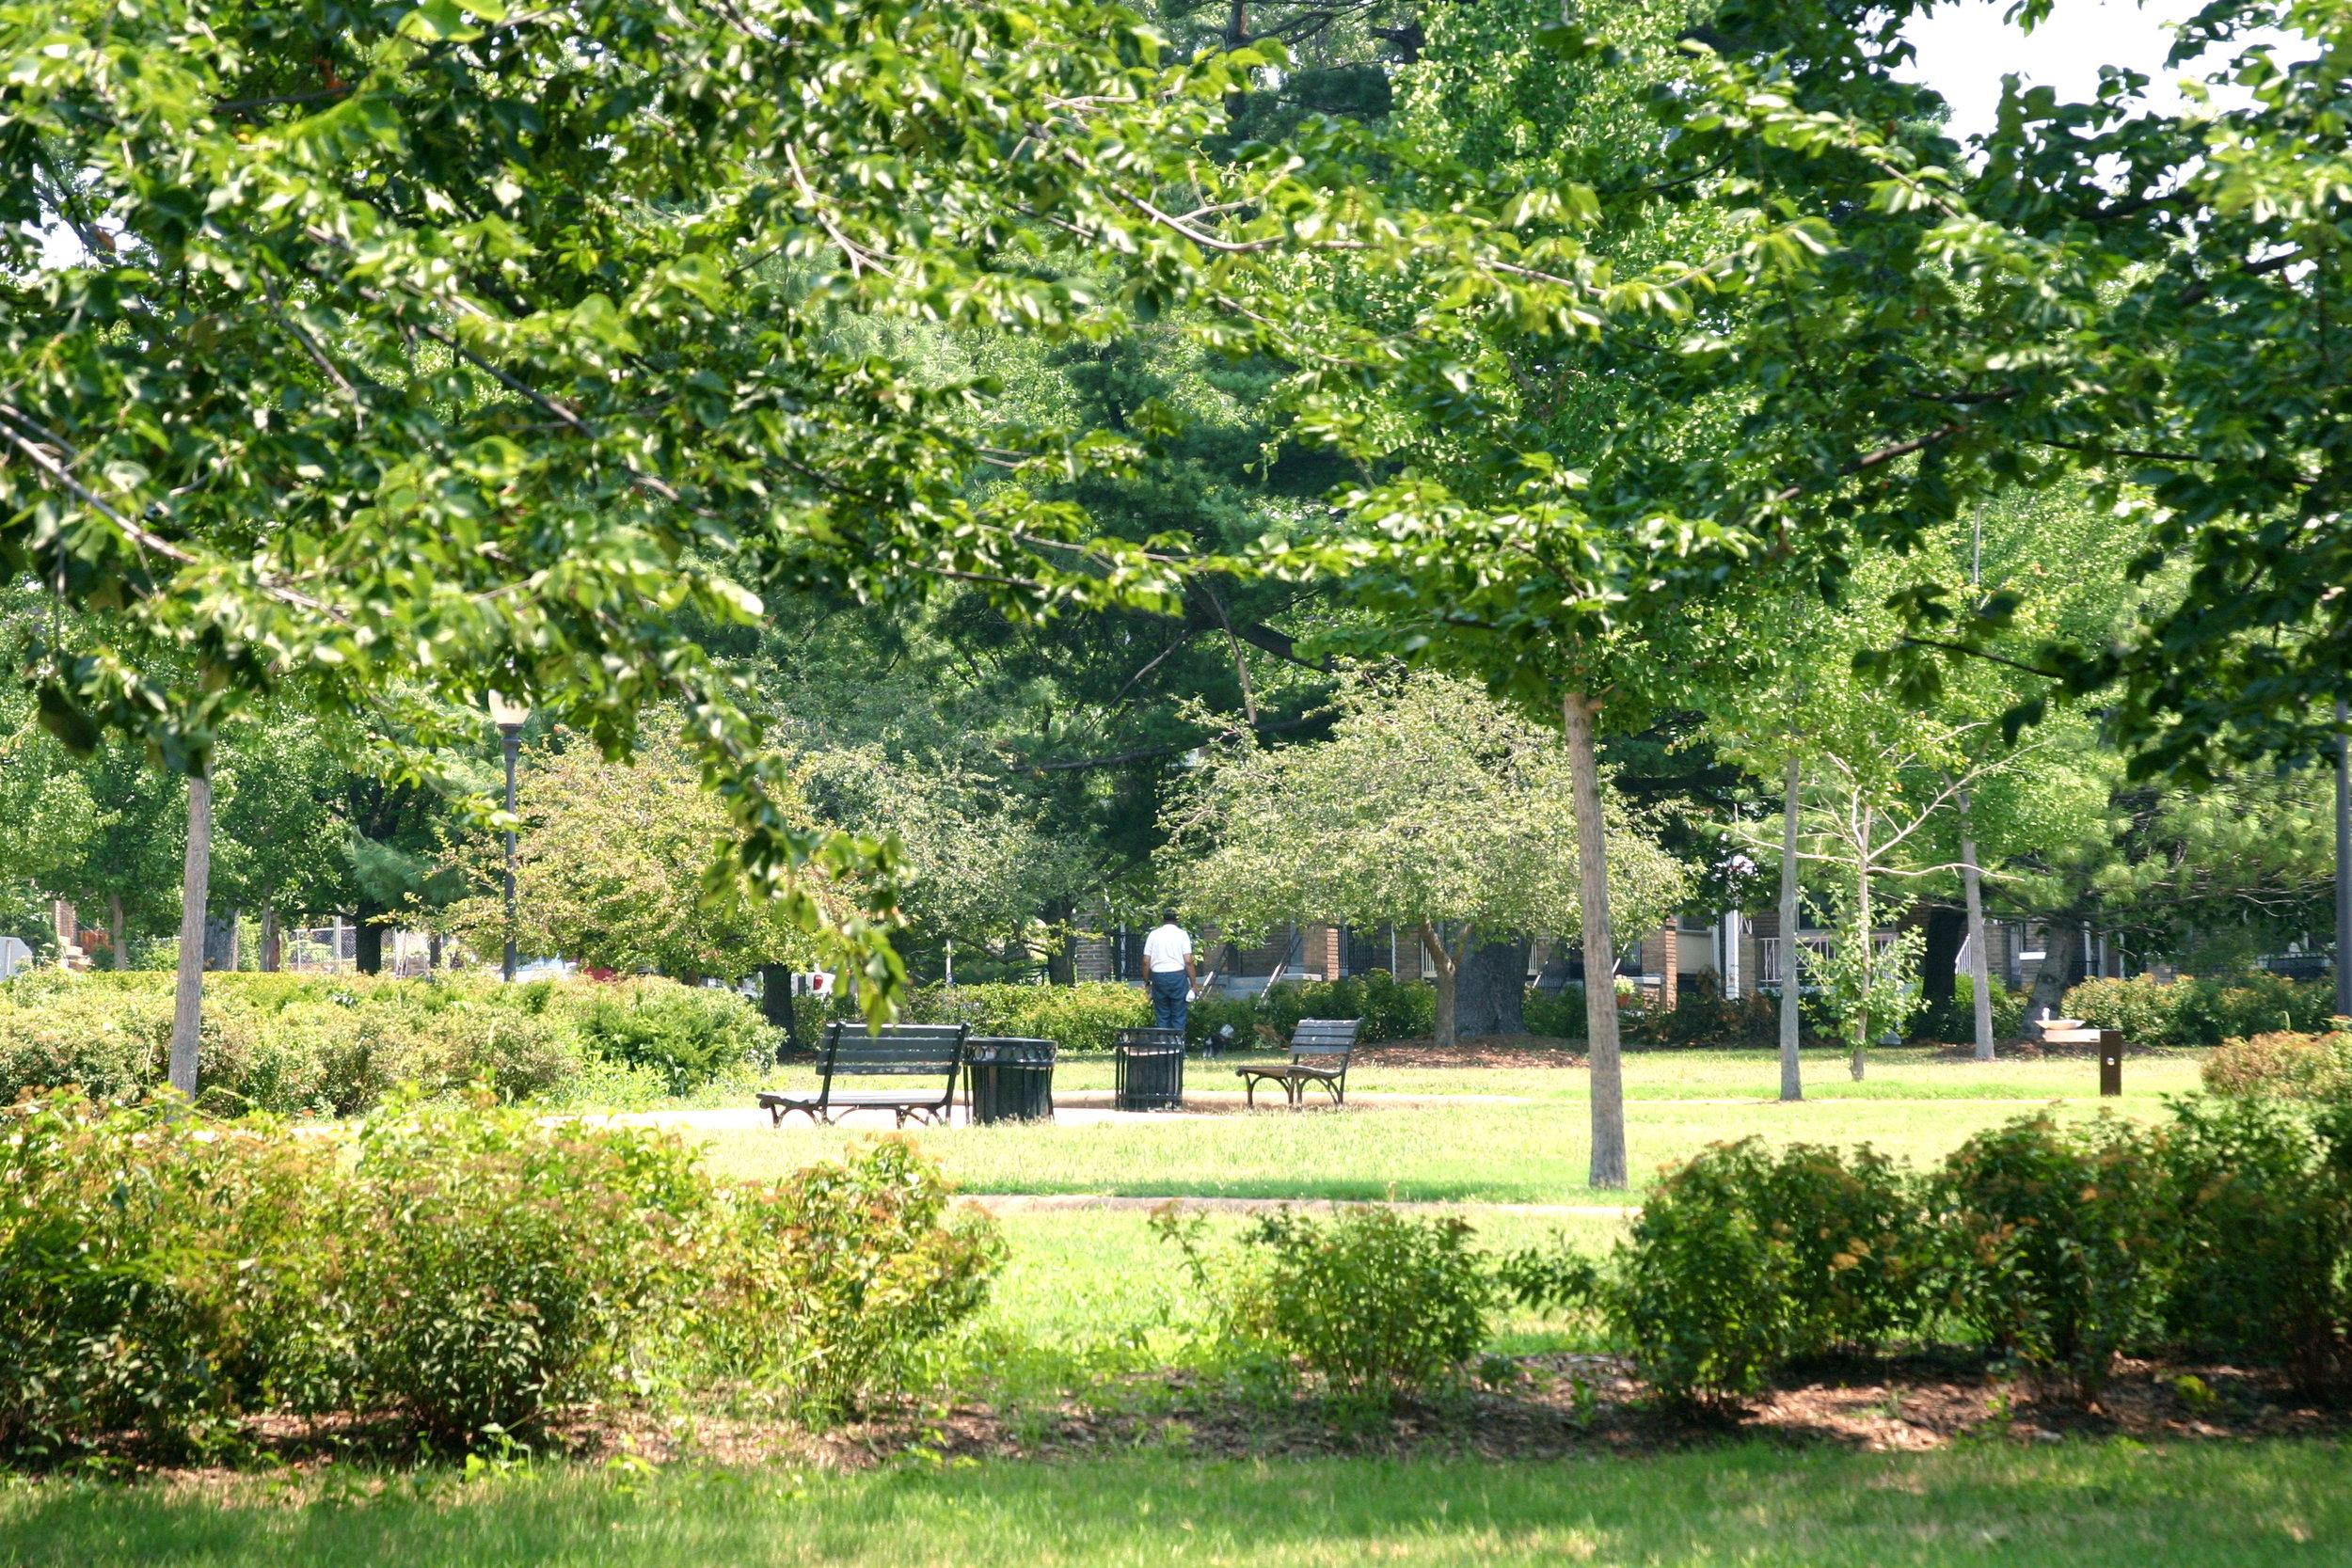 Grant Circle, Petworth, Washington, DC, July 2012